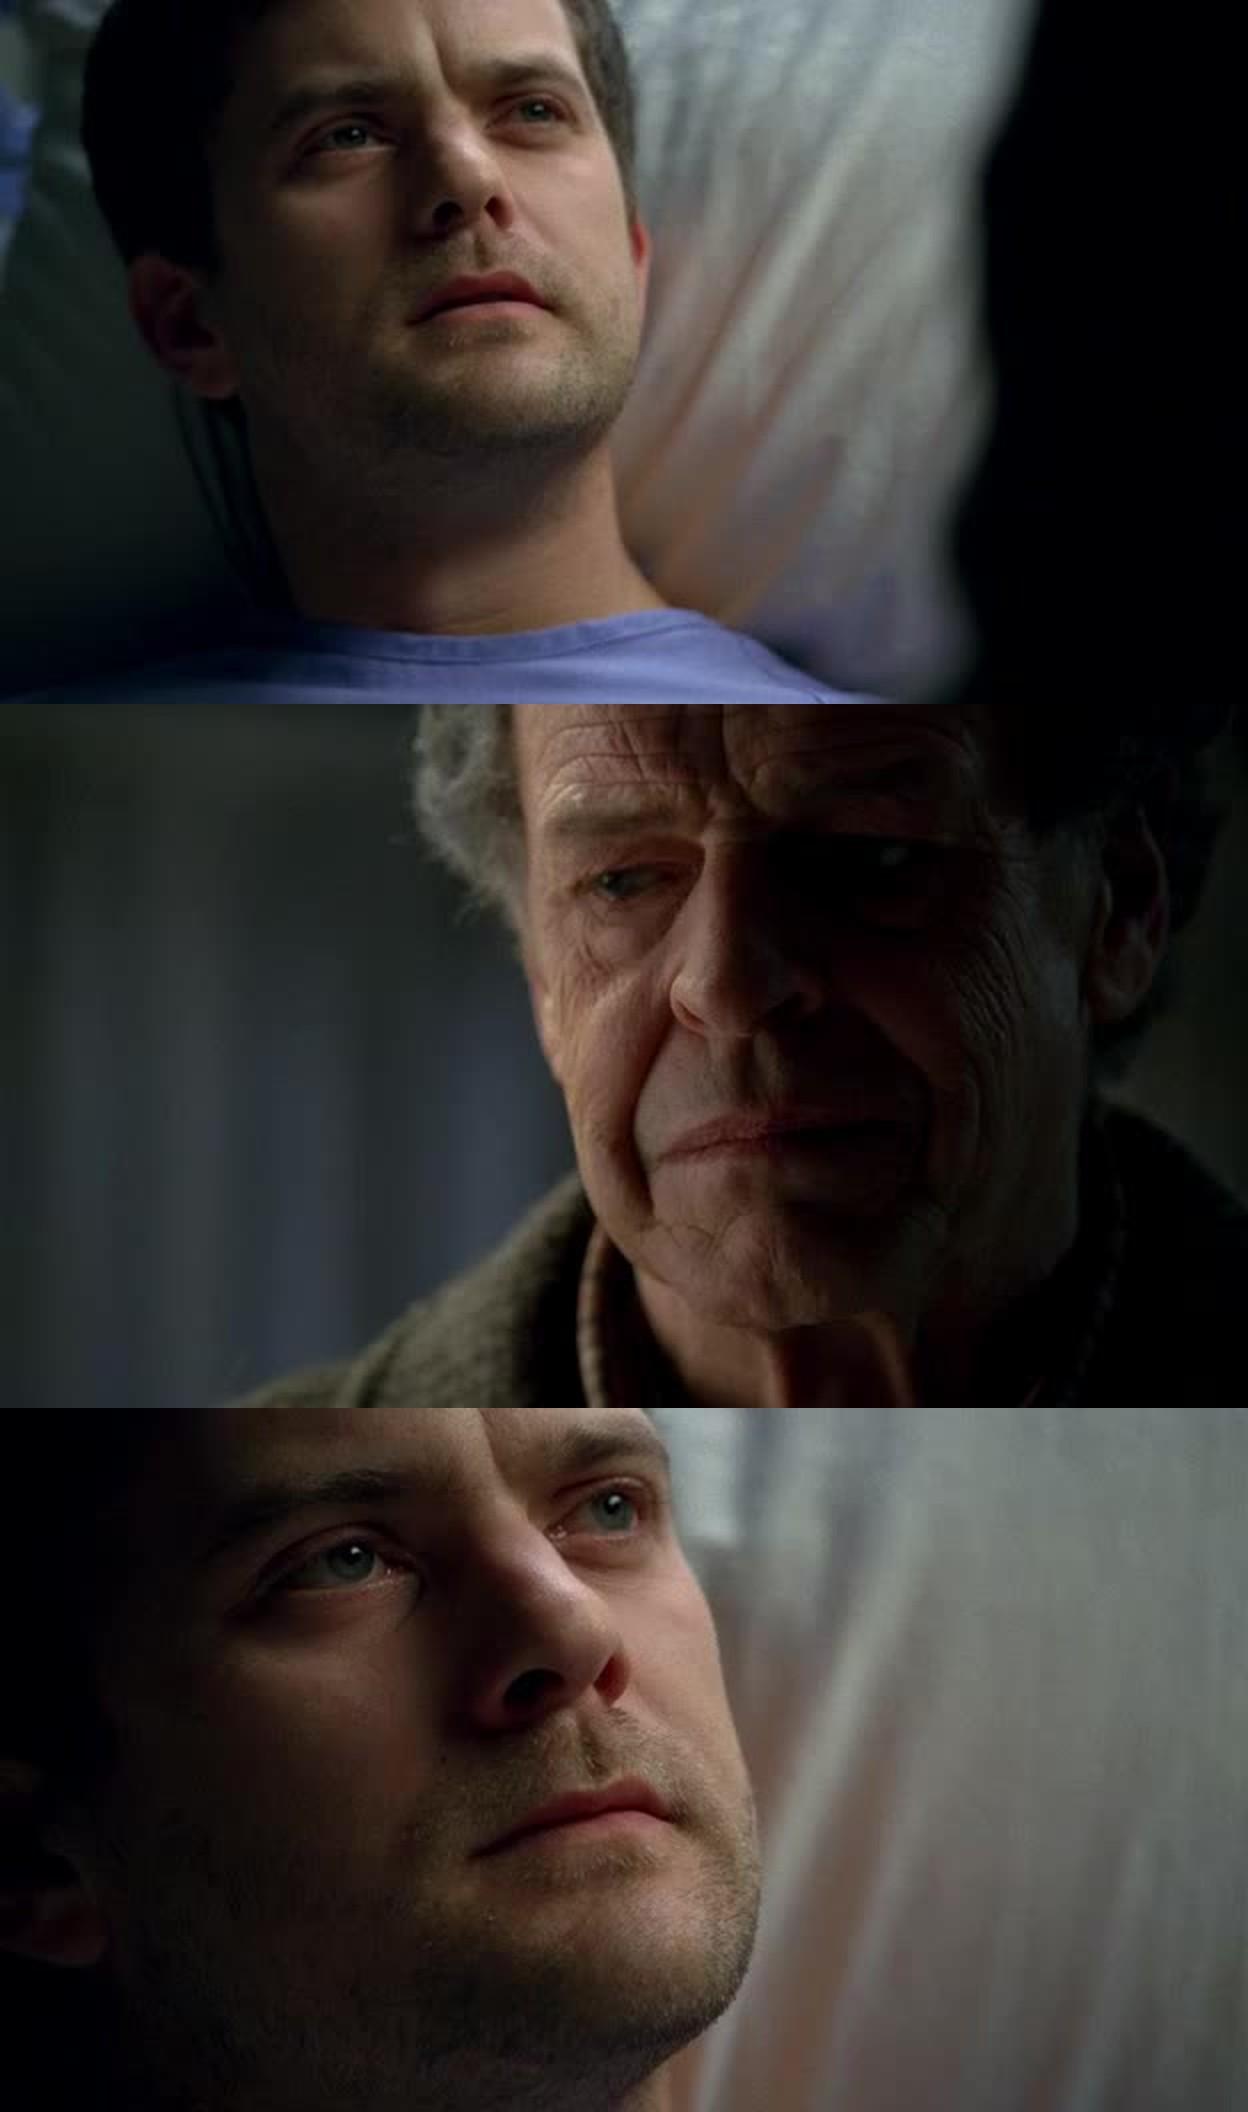 Noooooo my heart broke!